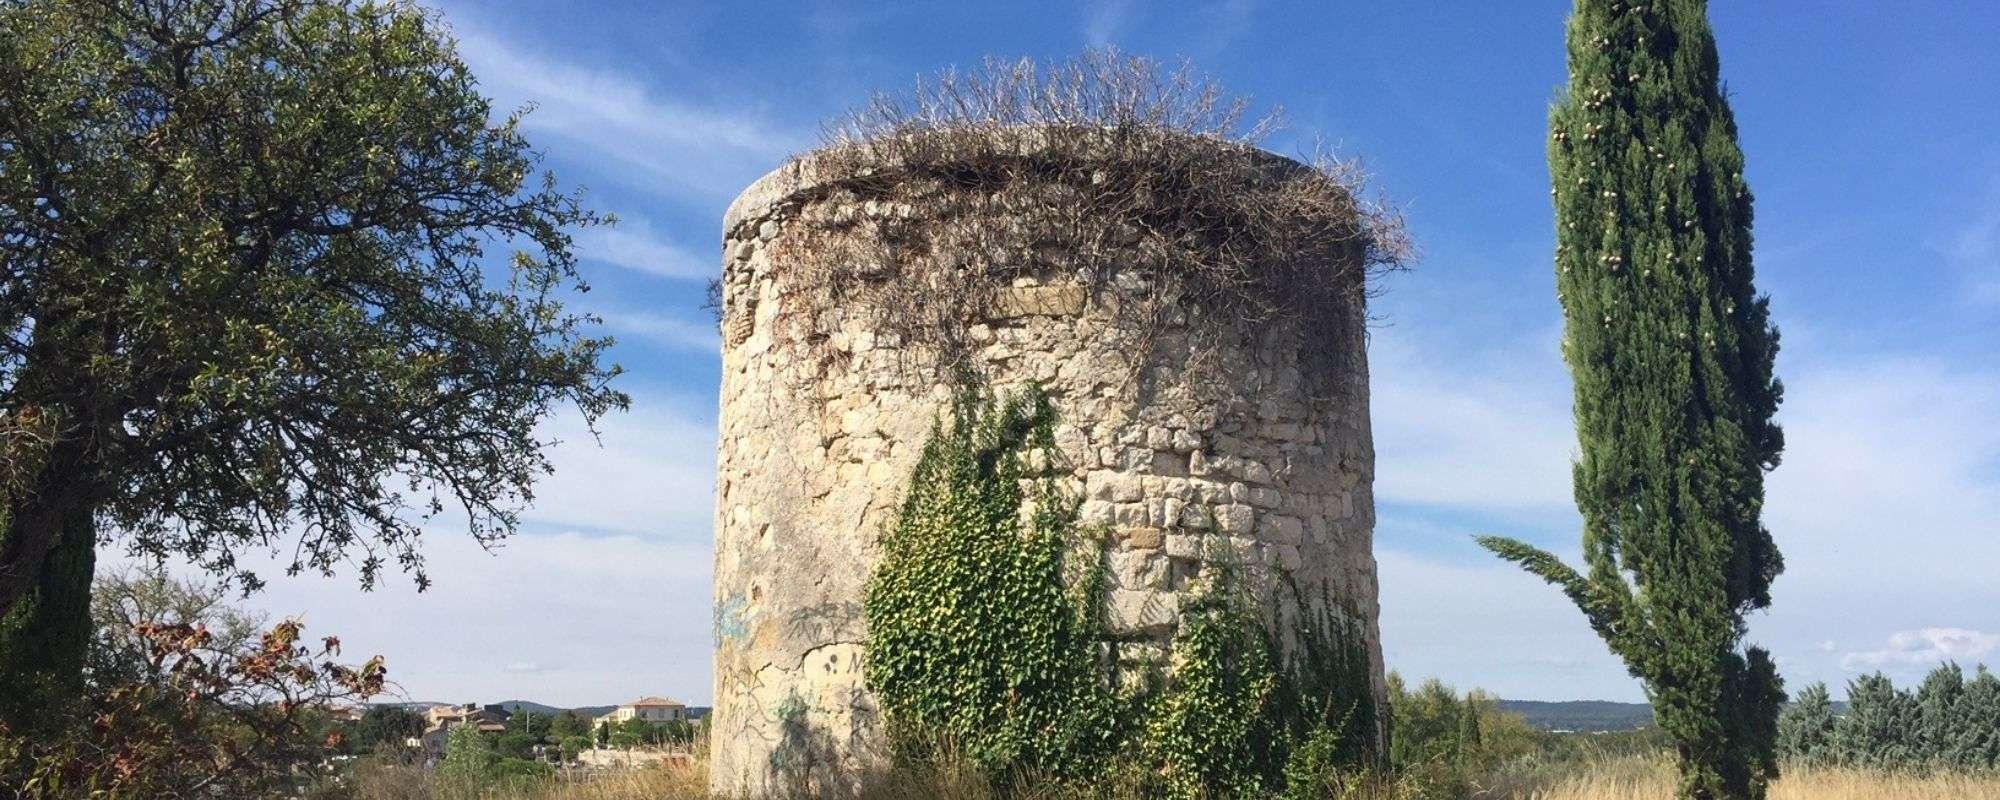 Terrain-à-bâtir-GGL-La-Calmette-Les-terrasses-du-moulin (2)